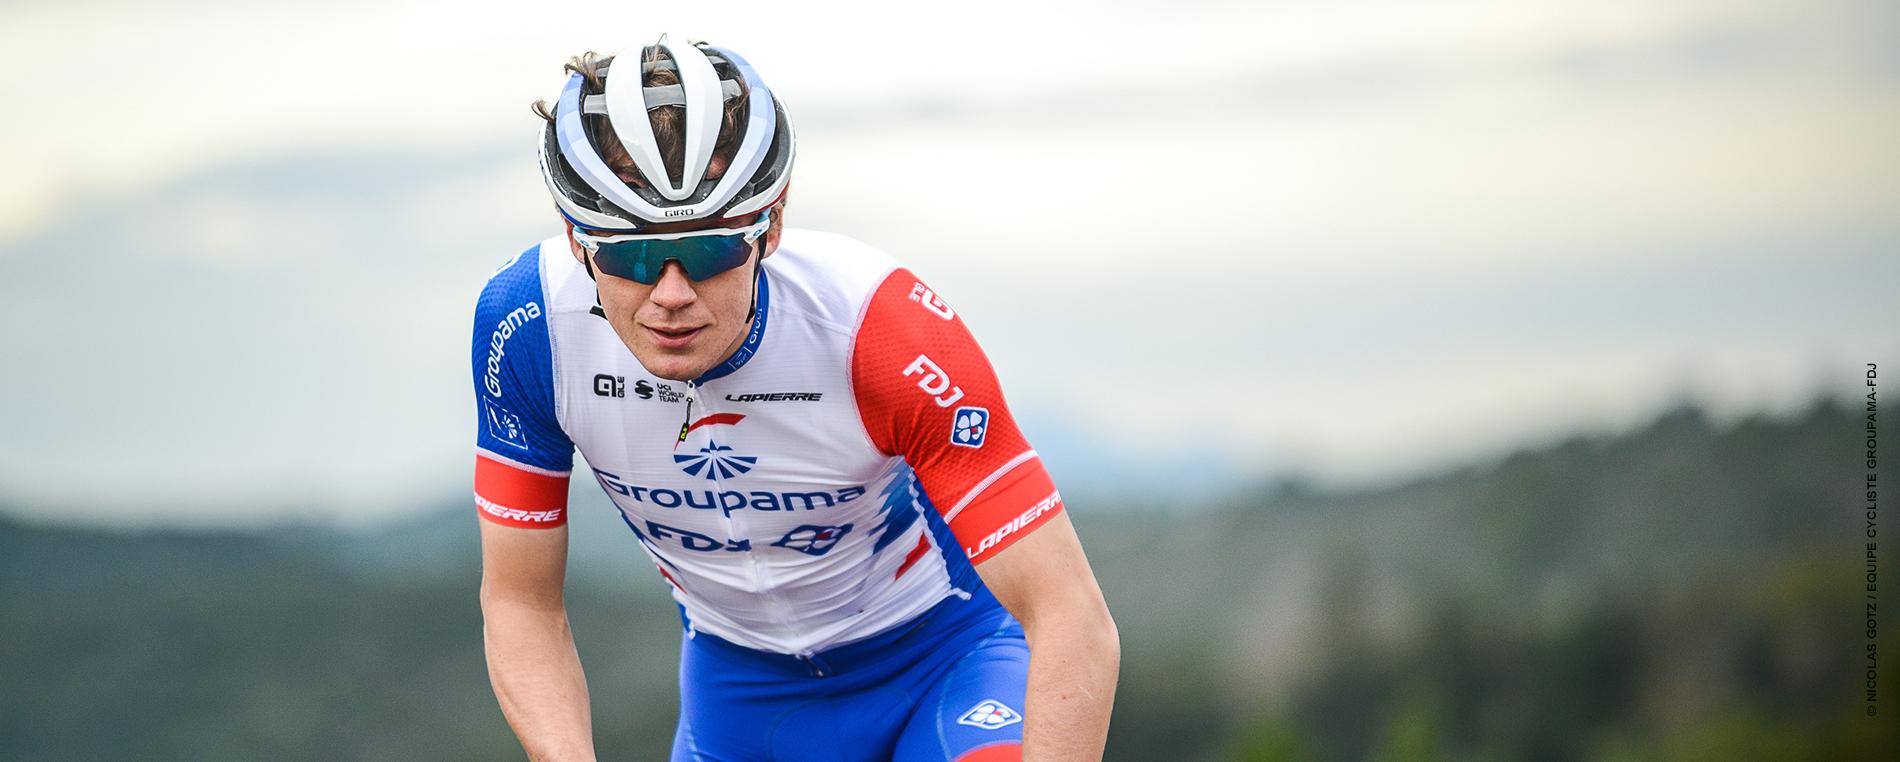 Valentin Madouas, équipe cycliste Groupama-FDJ